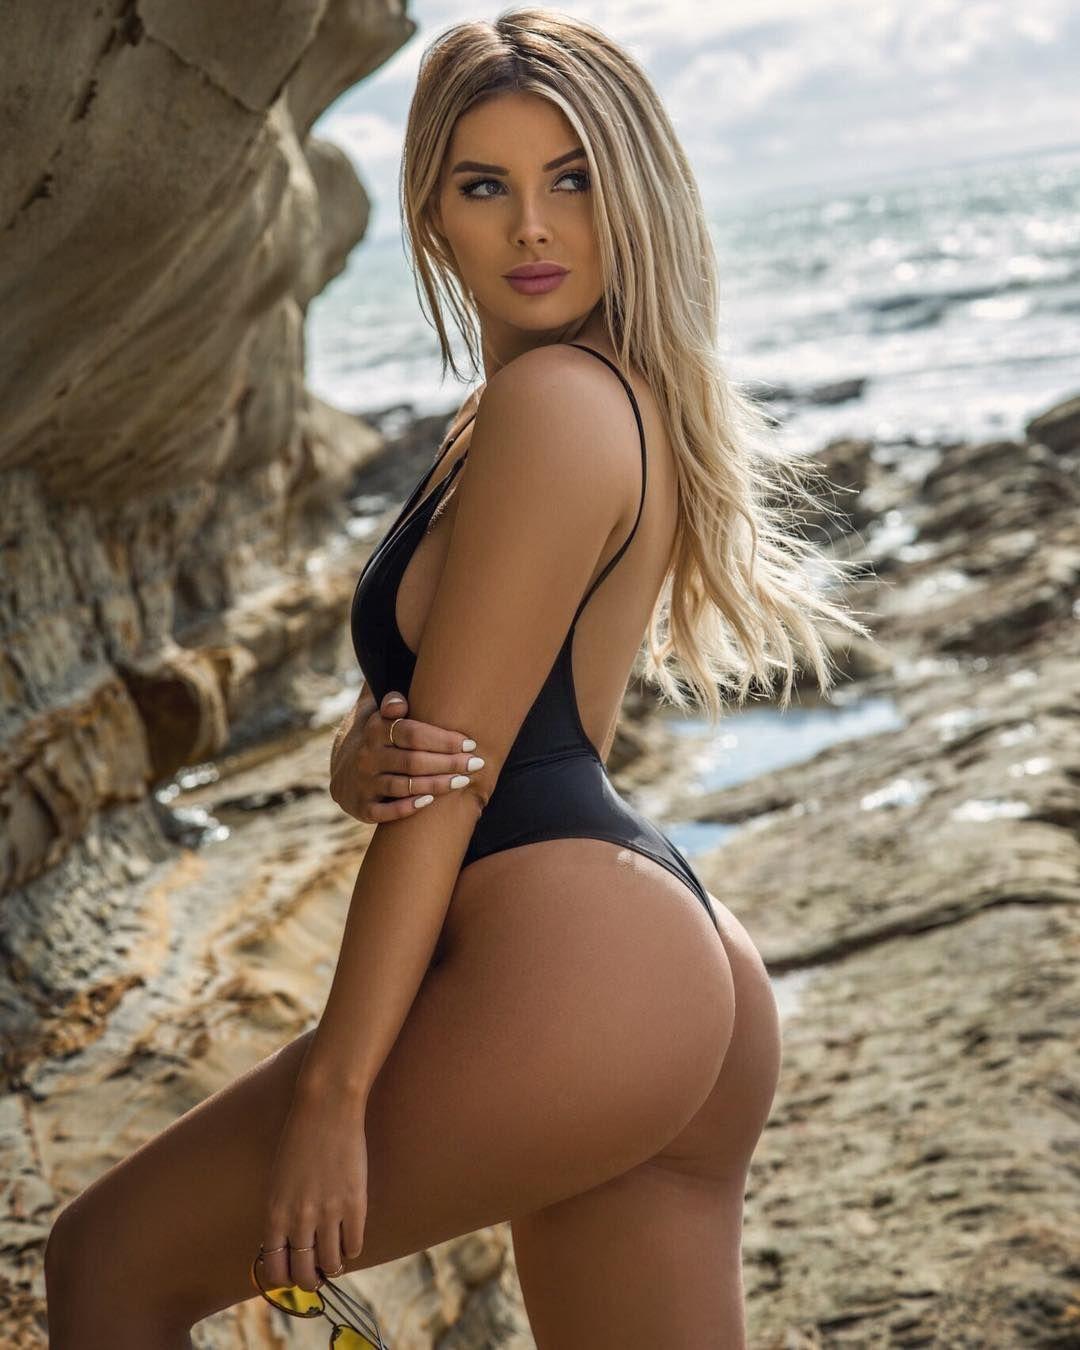 Hot Kiwi Sarah Harris nude photos 2019